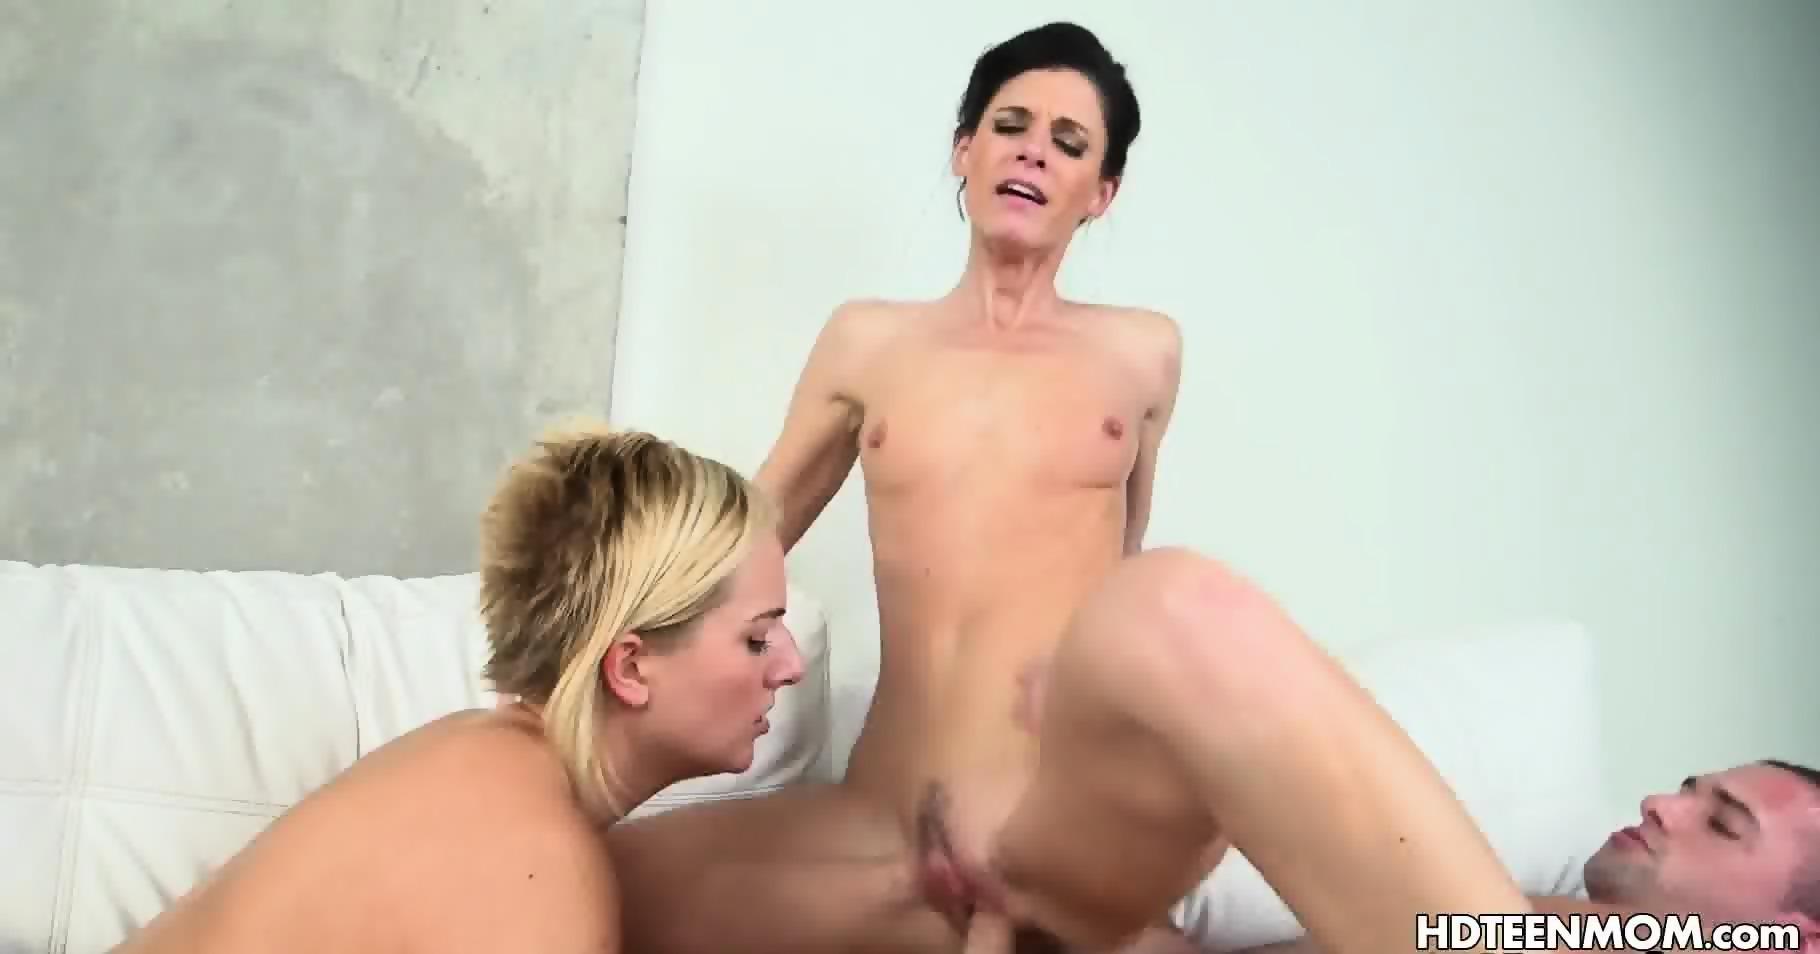 lesbian masturbation when tarzan come in - eporner